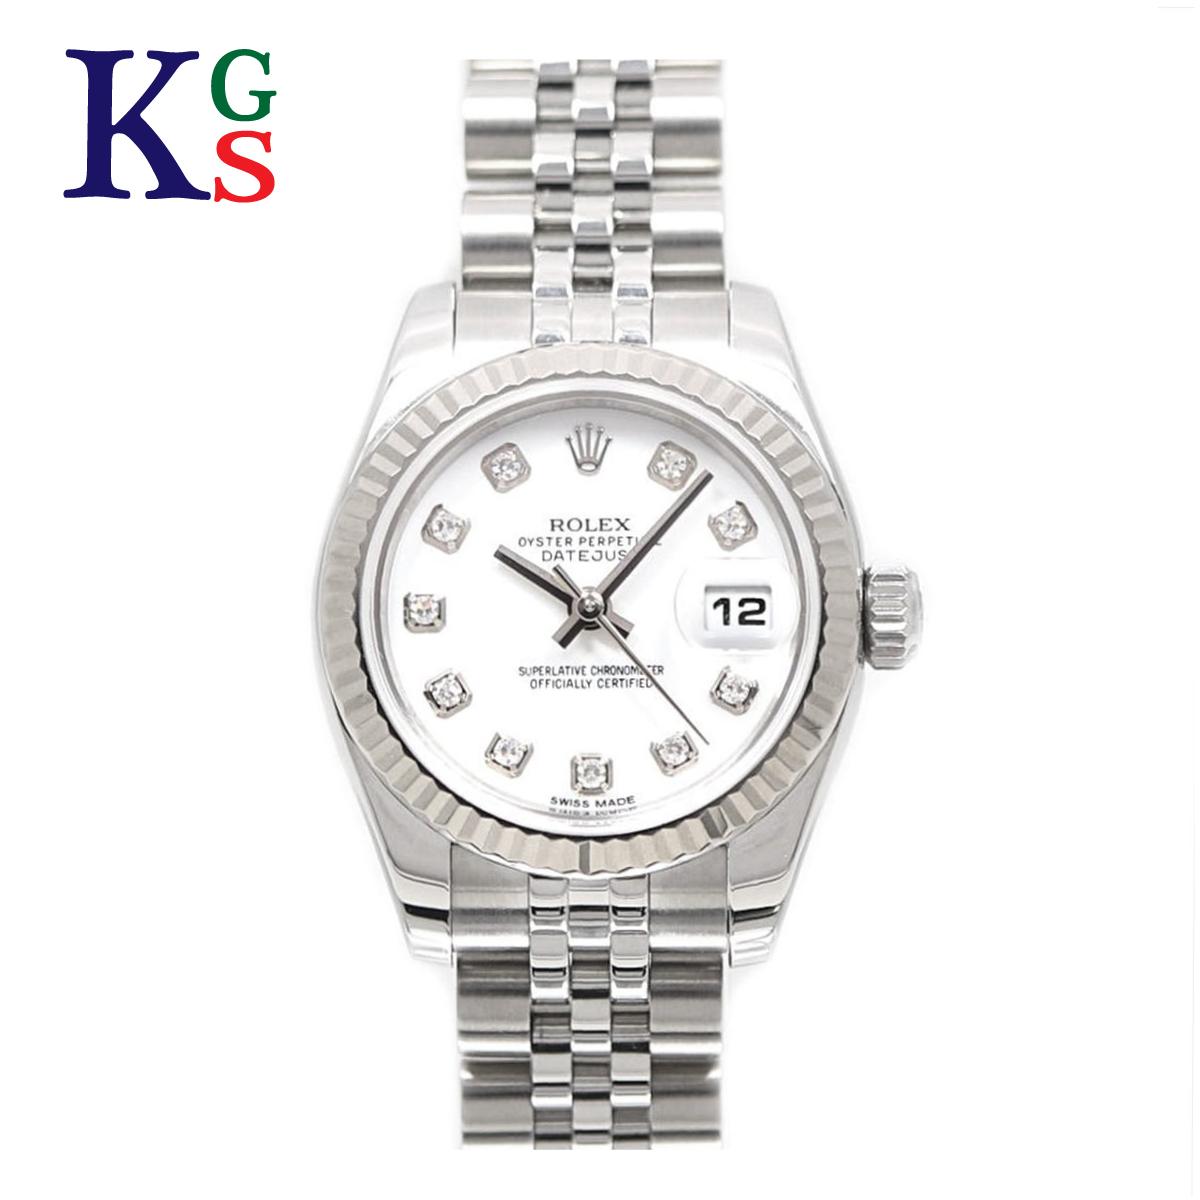 【ギフト品質】ロレックス/ROLEX レディース 腕時計 デイトジャスト 26mm 10Pダイヤ ホワイト文字盤 K18WG×ステンレススチール 自動巻き 179174G